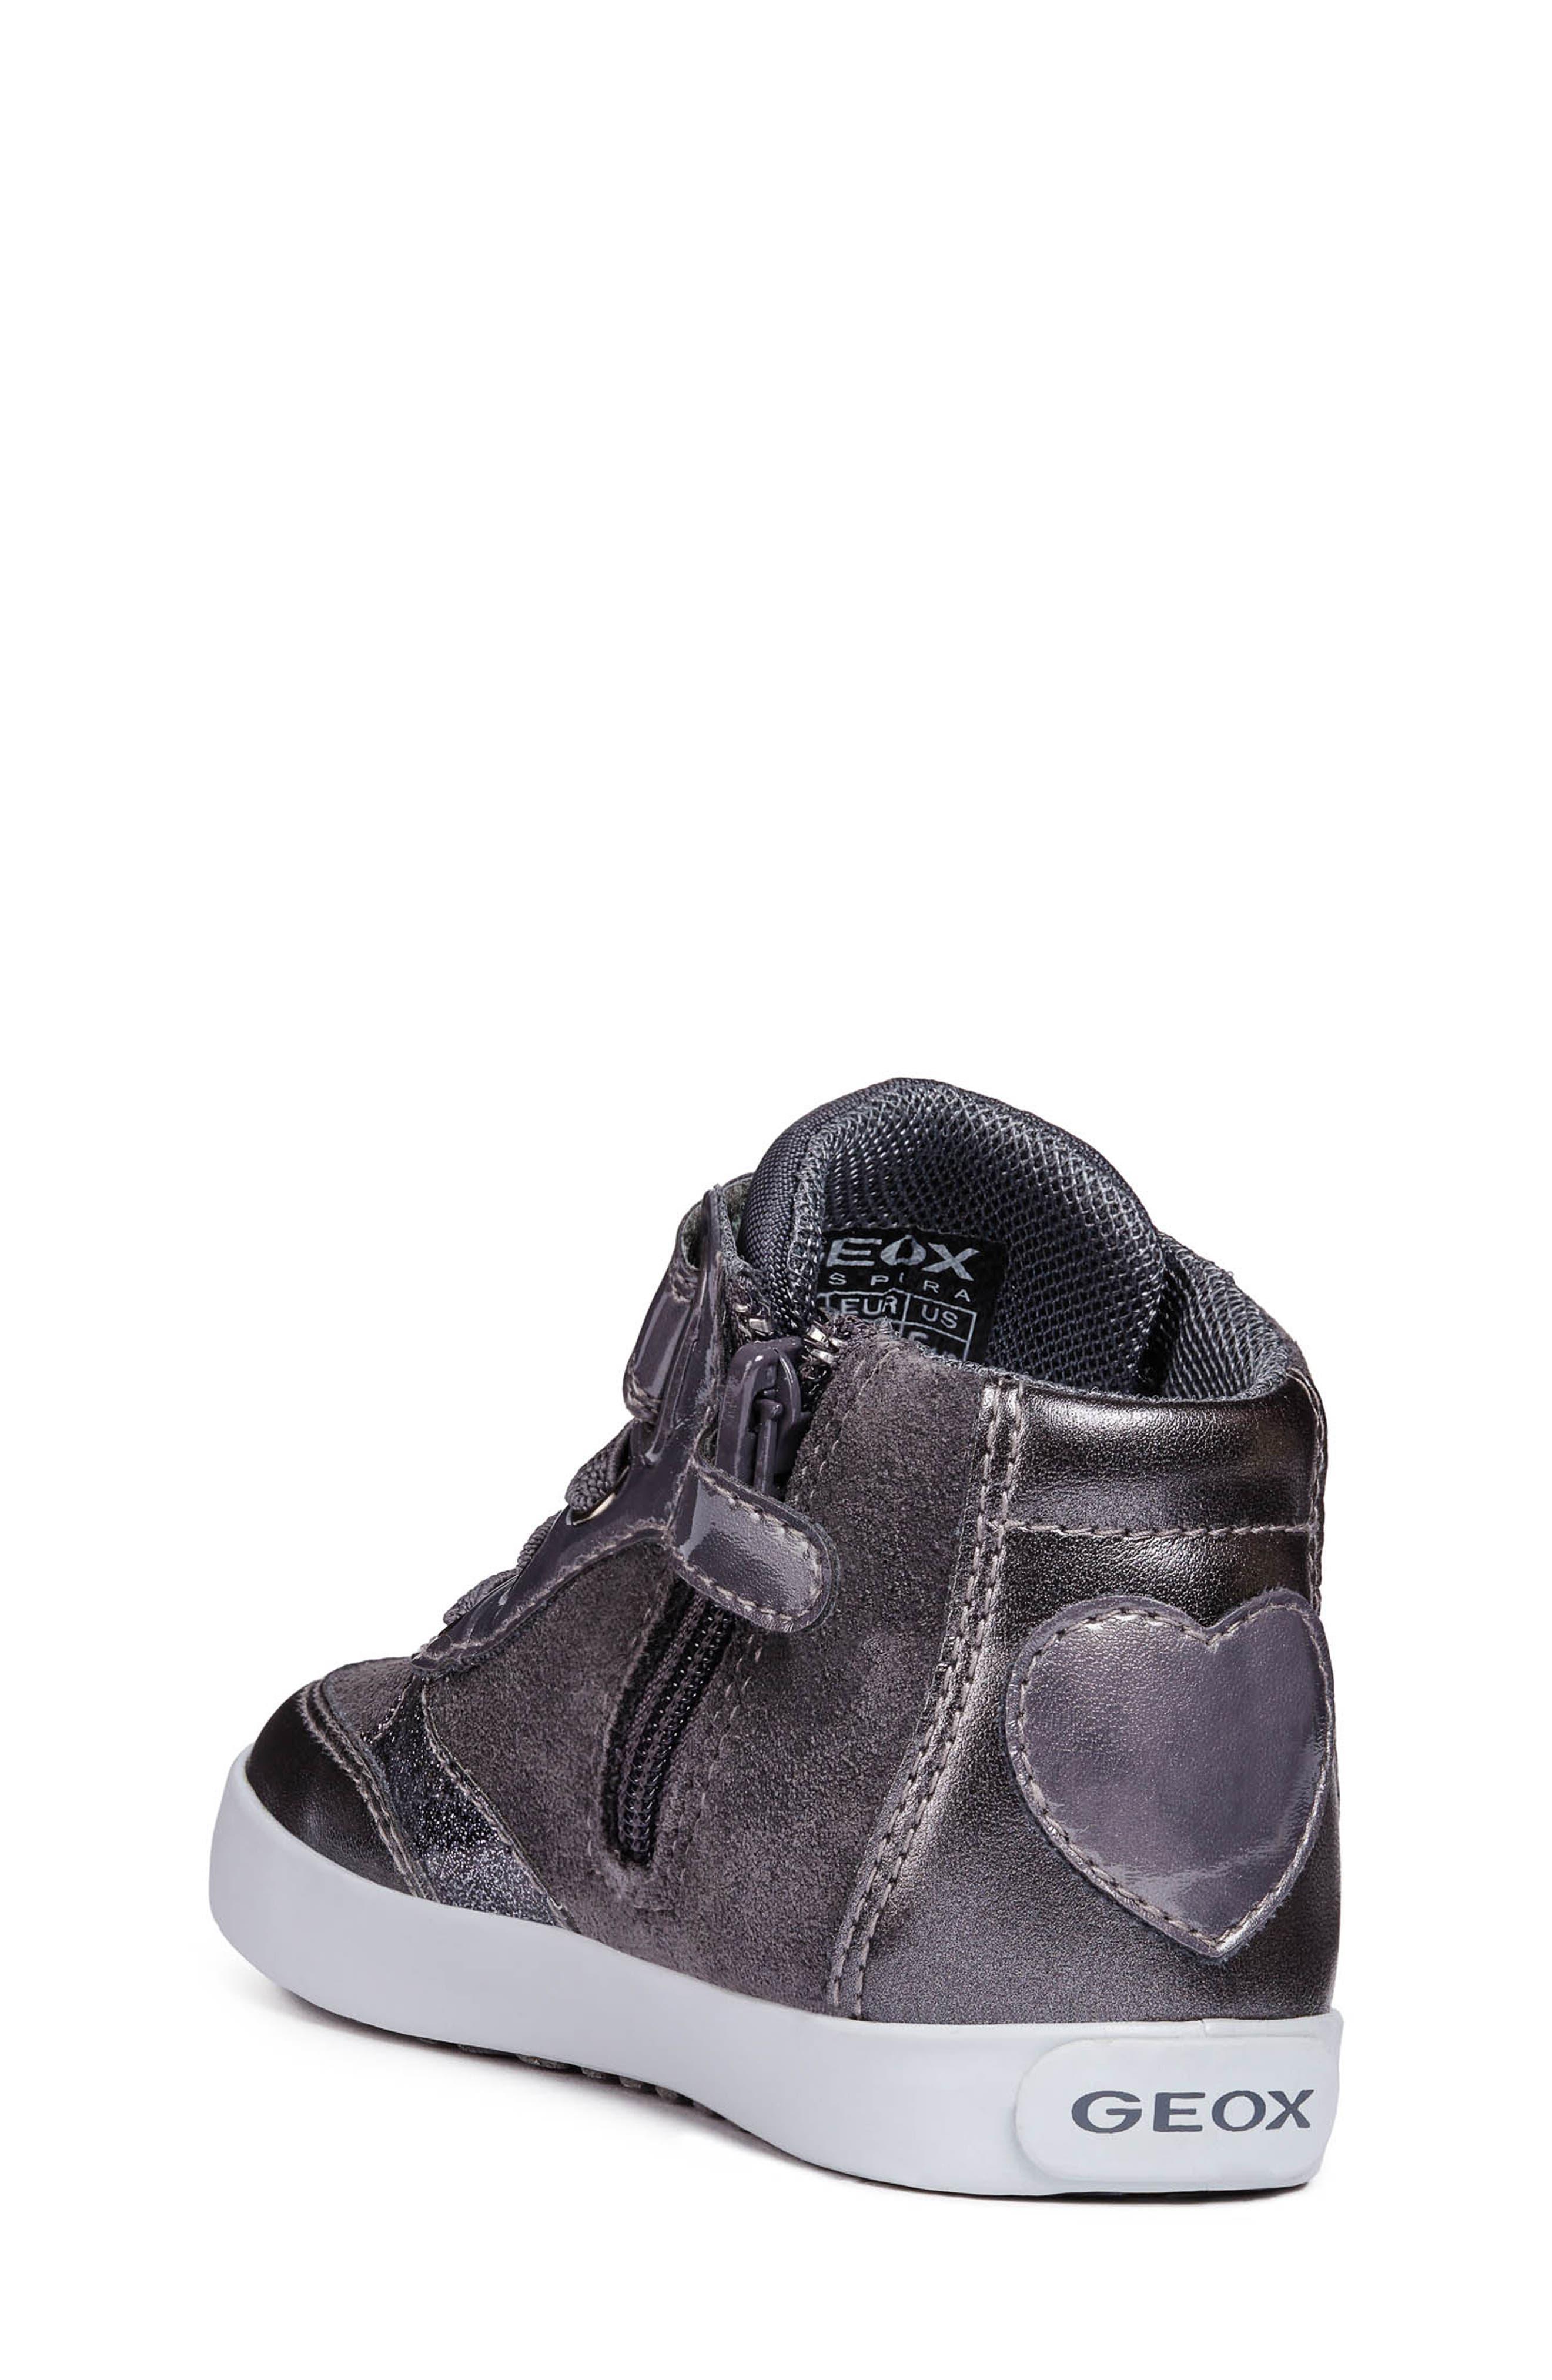 Kilwi High Top Sneaker,                             Alternate thumbnail 2, color,                             DARK GREY